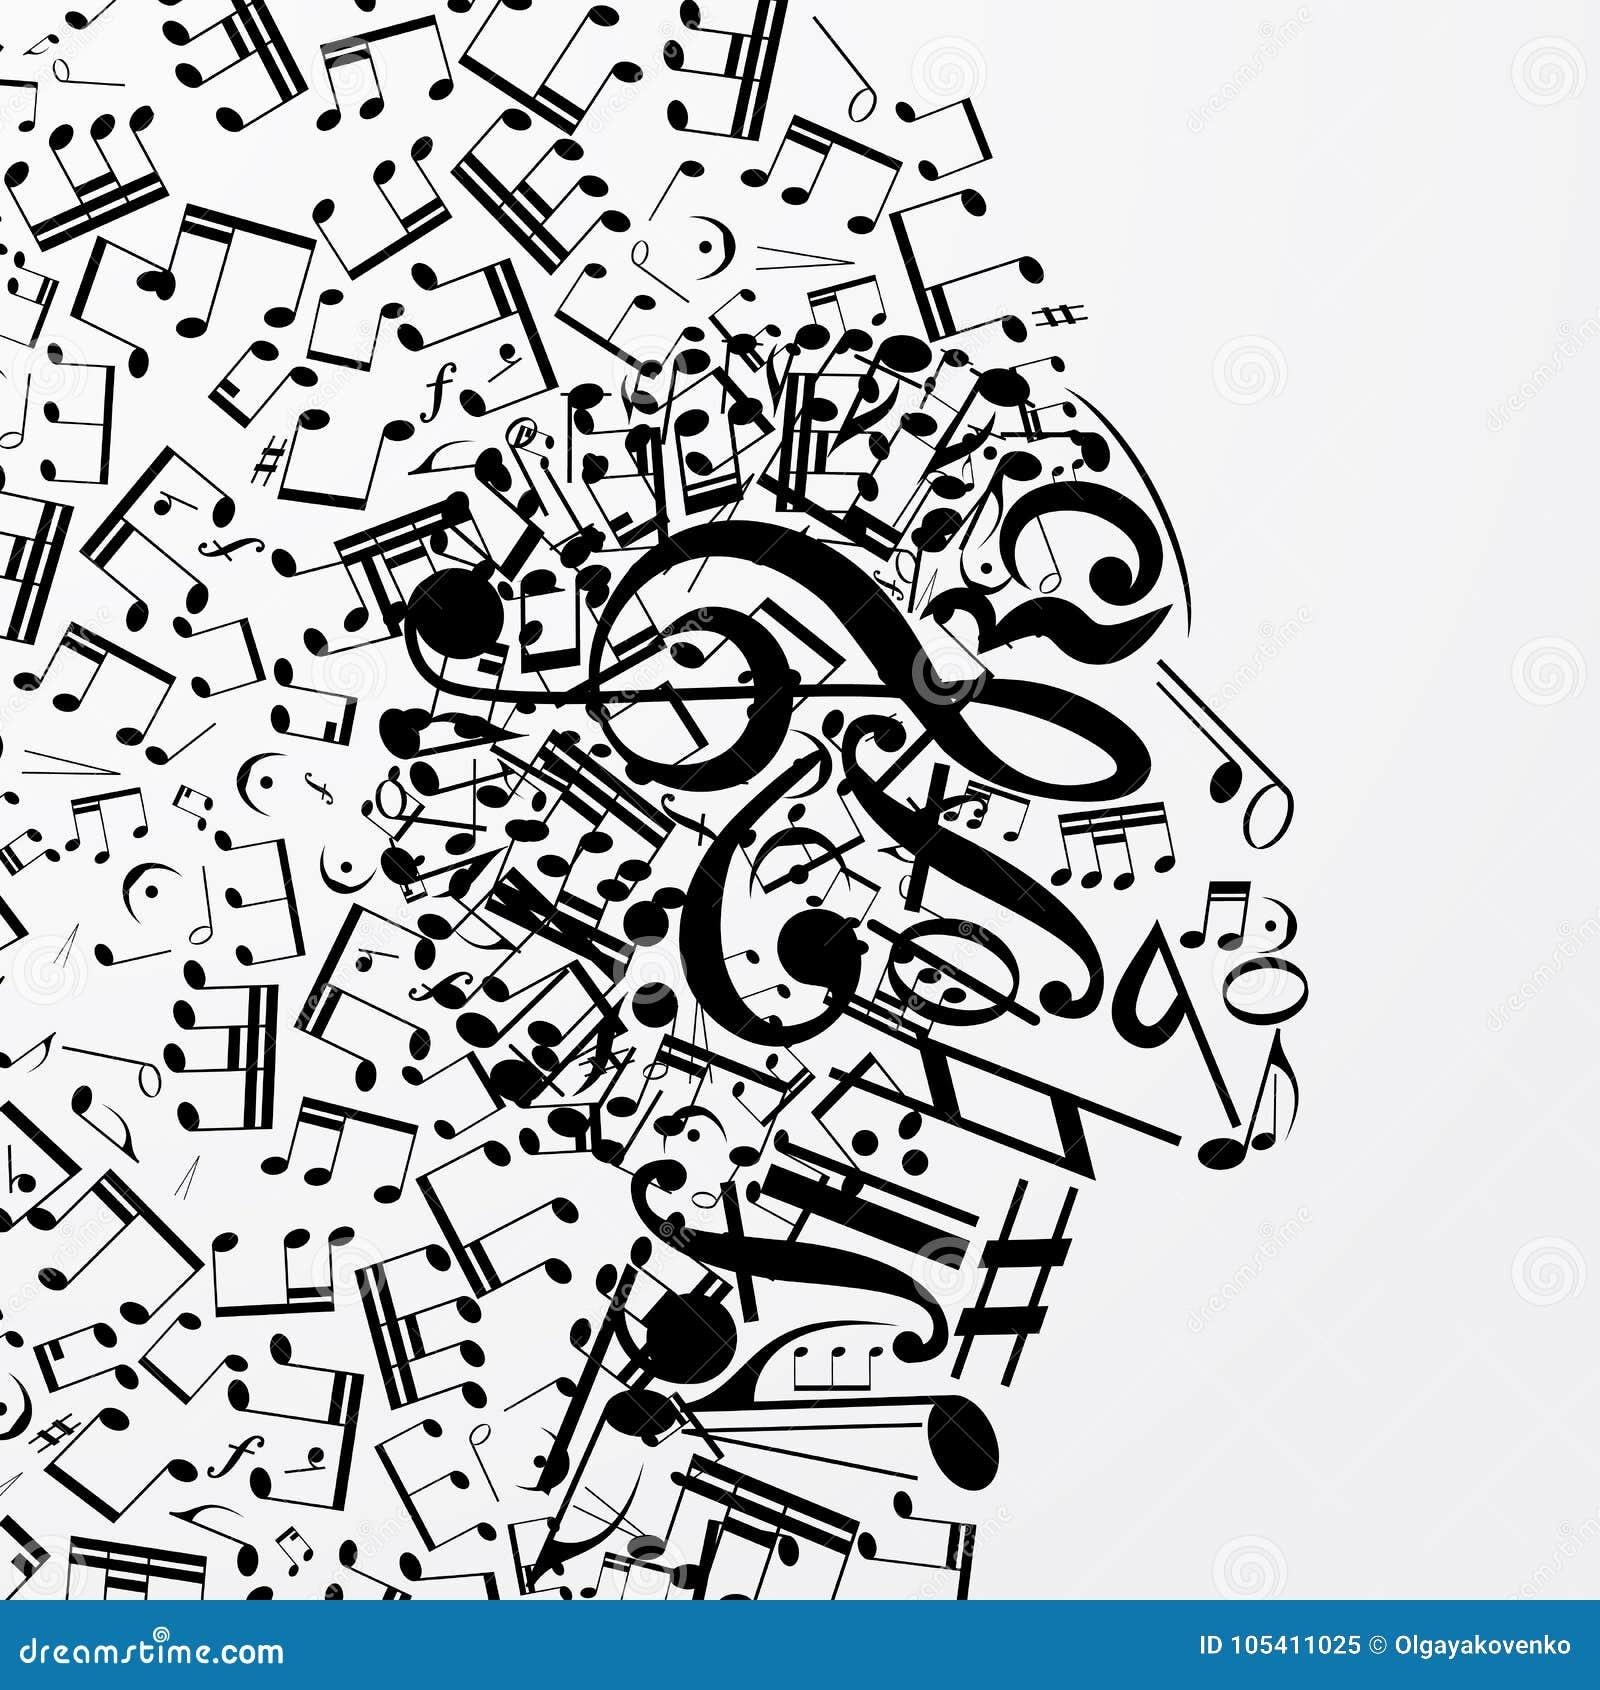 Perfil fêmea abstrato composto de sinais musicais, notas